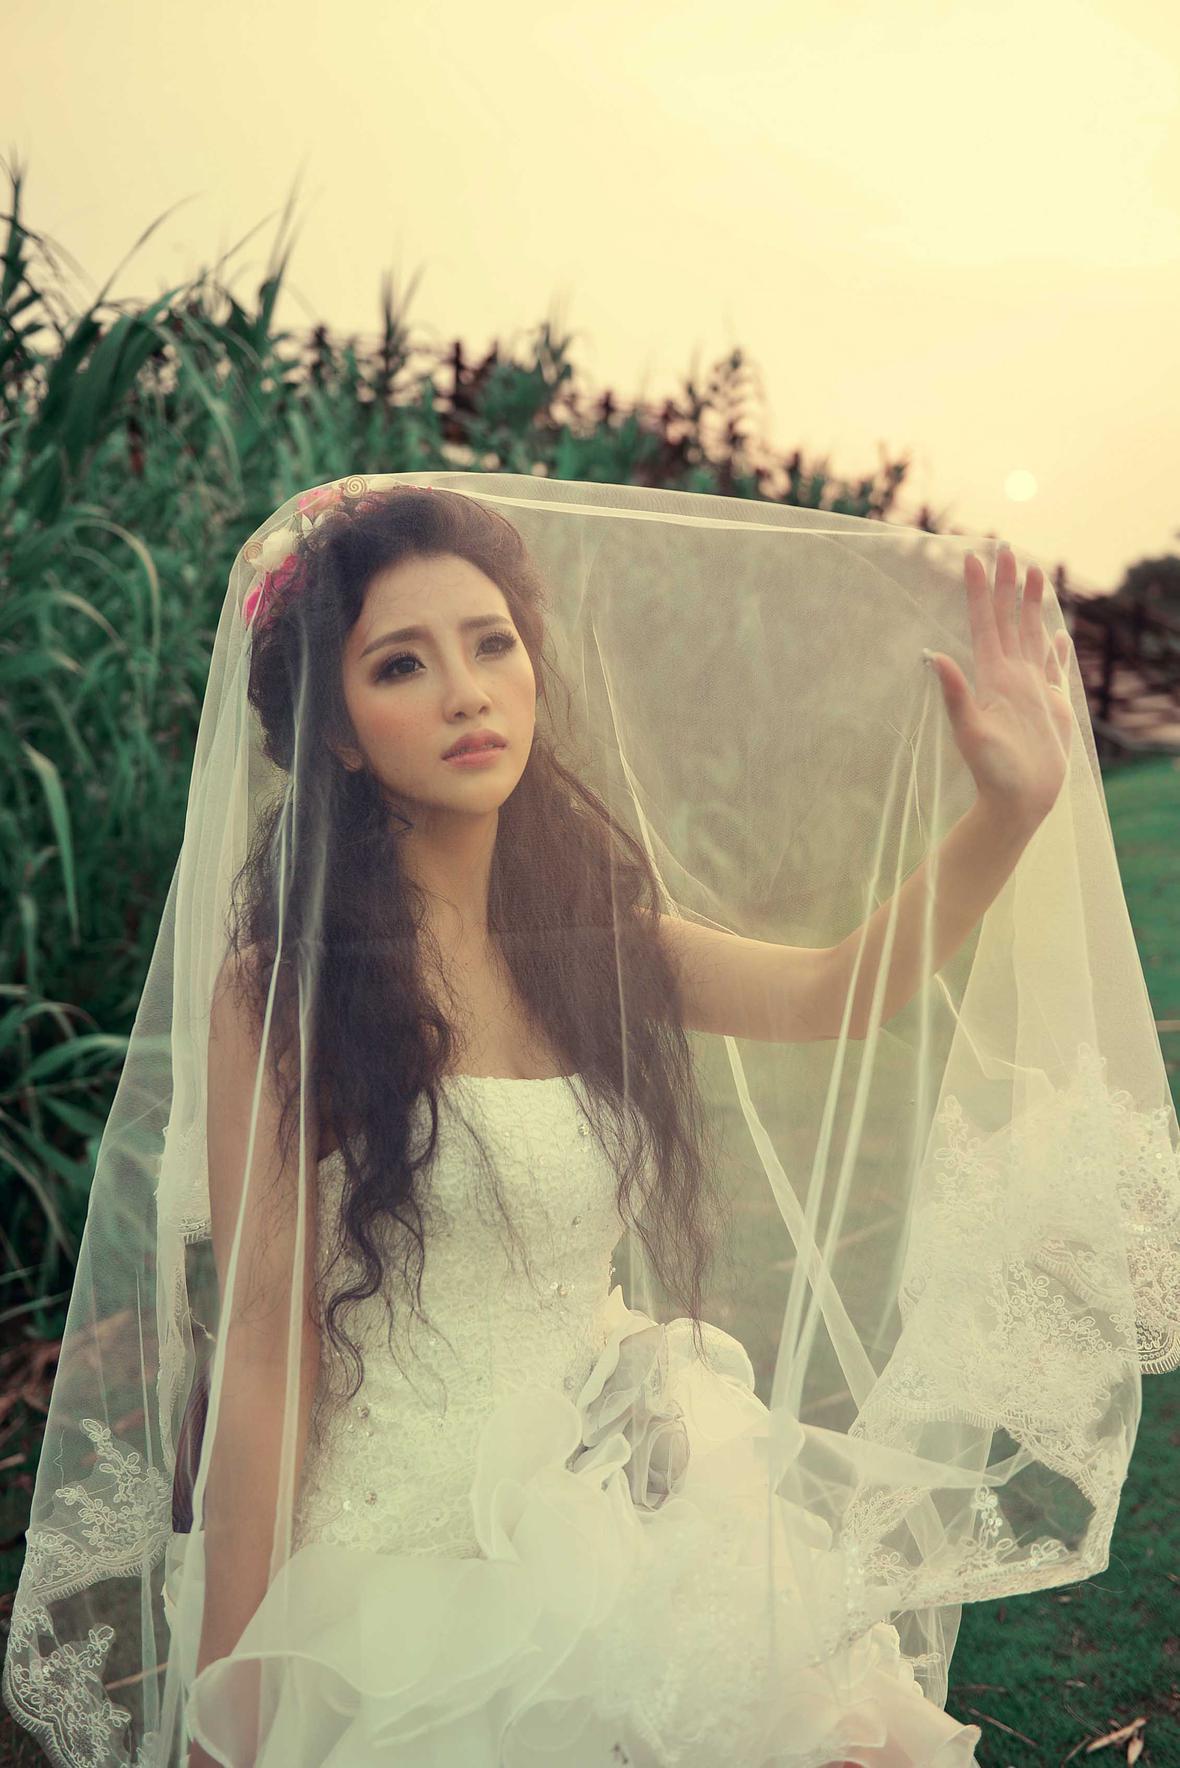 单人婚纱照